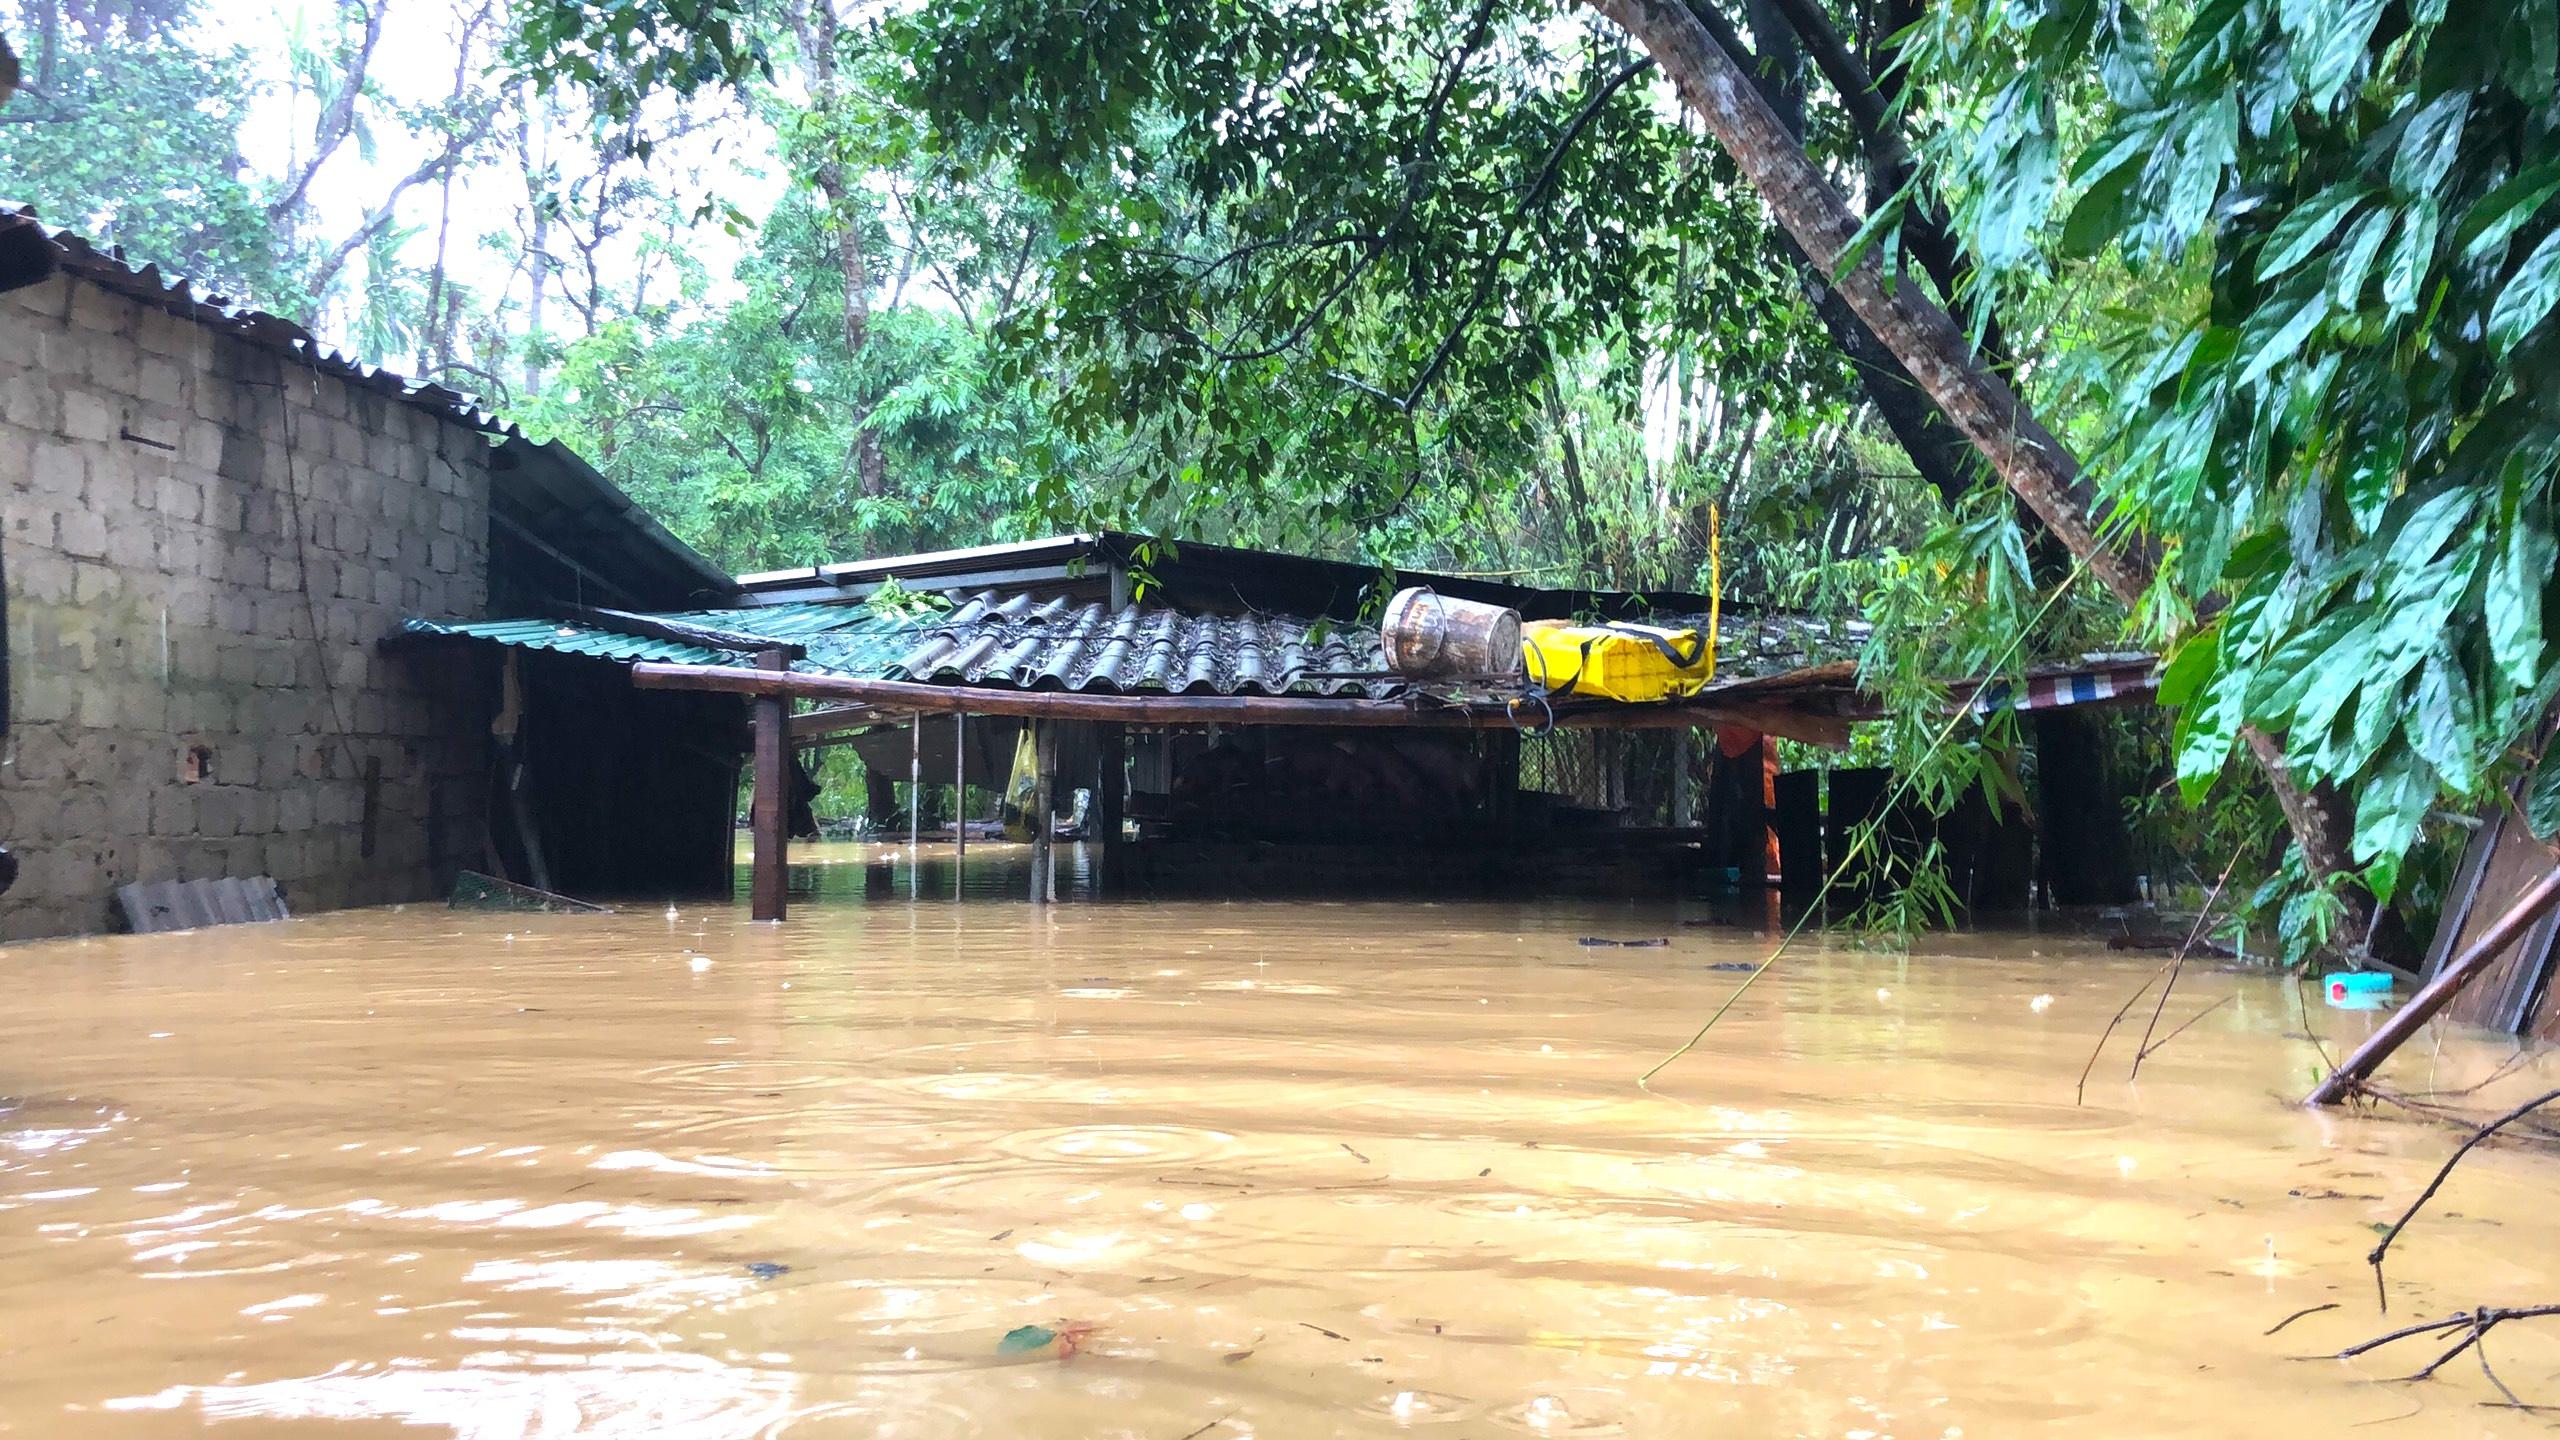 Nghệ An: Người dân ven sông phải lên đê dựng lều cho trâu bò trú ẩn - Ảnh 5.